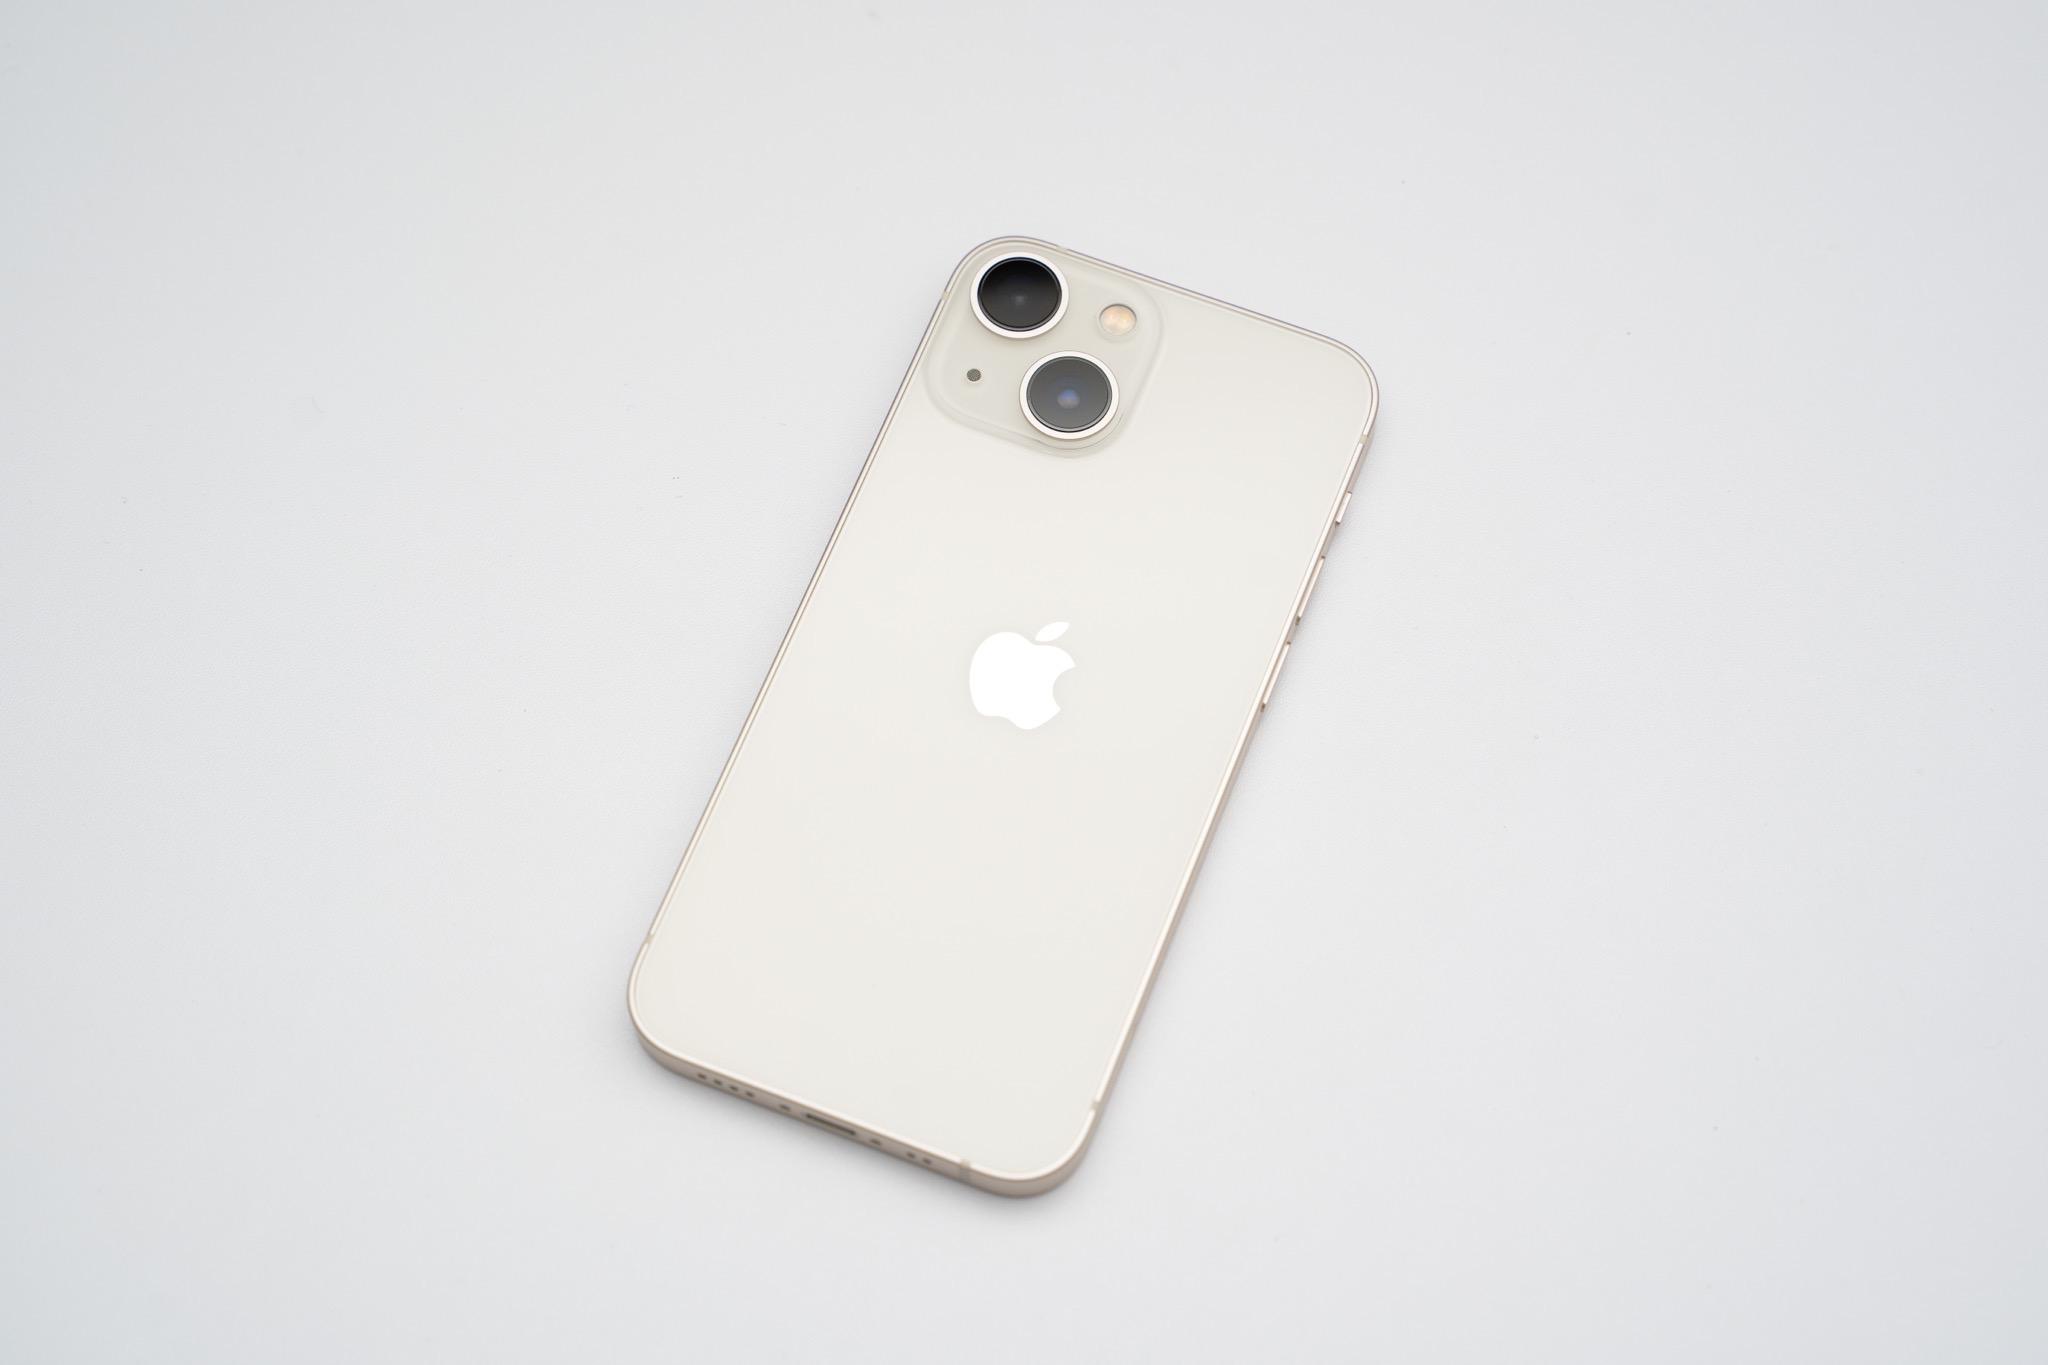 バッテリー持ちが良くなった理想の小型スマホ 「iPhone13 mini」レビュー